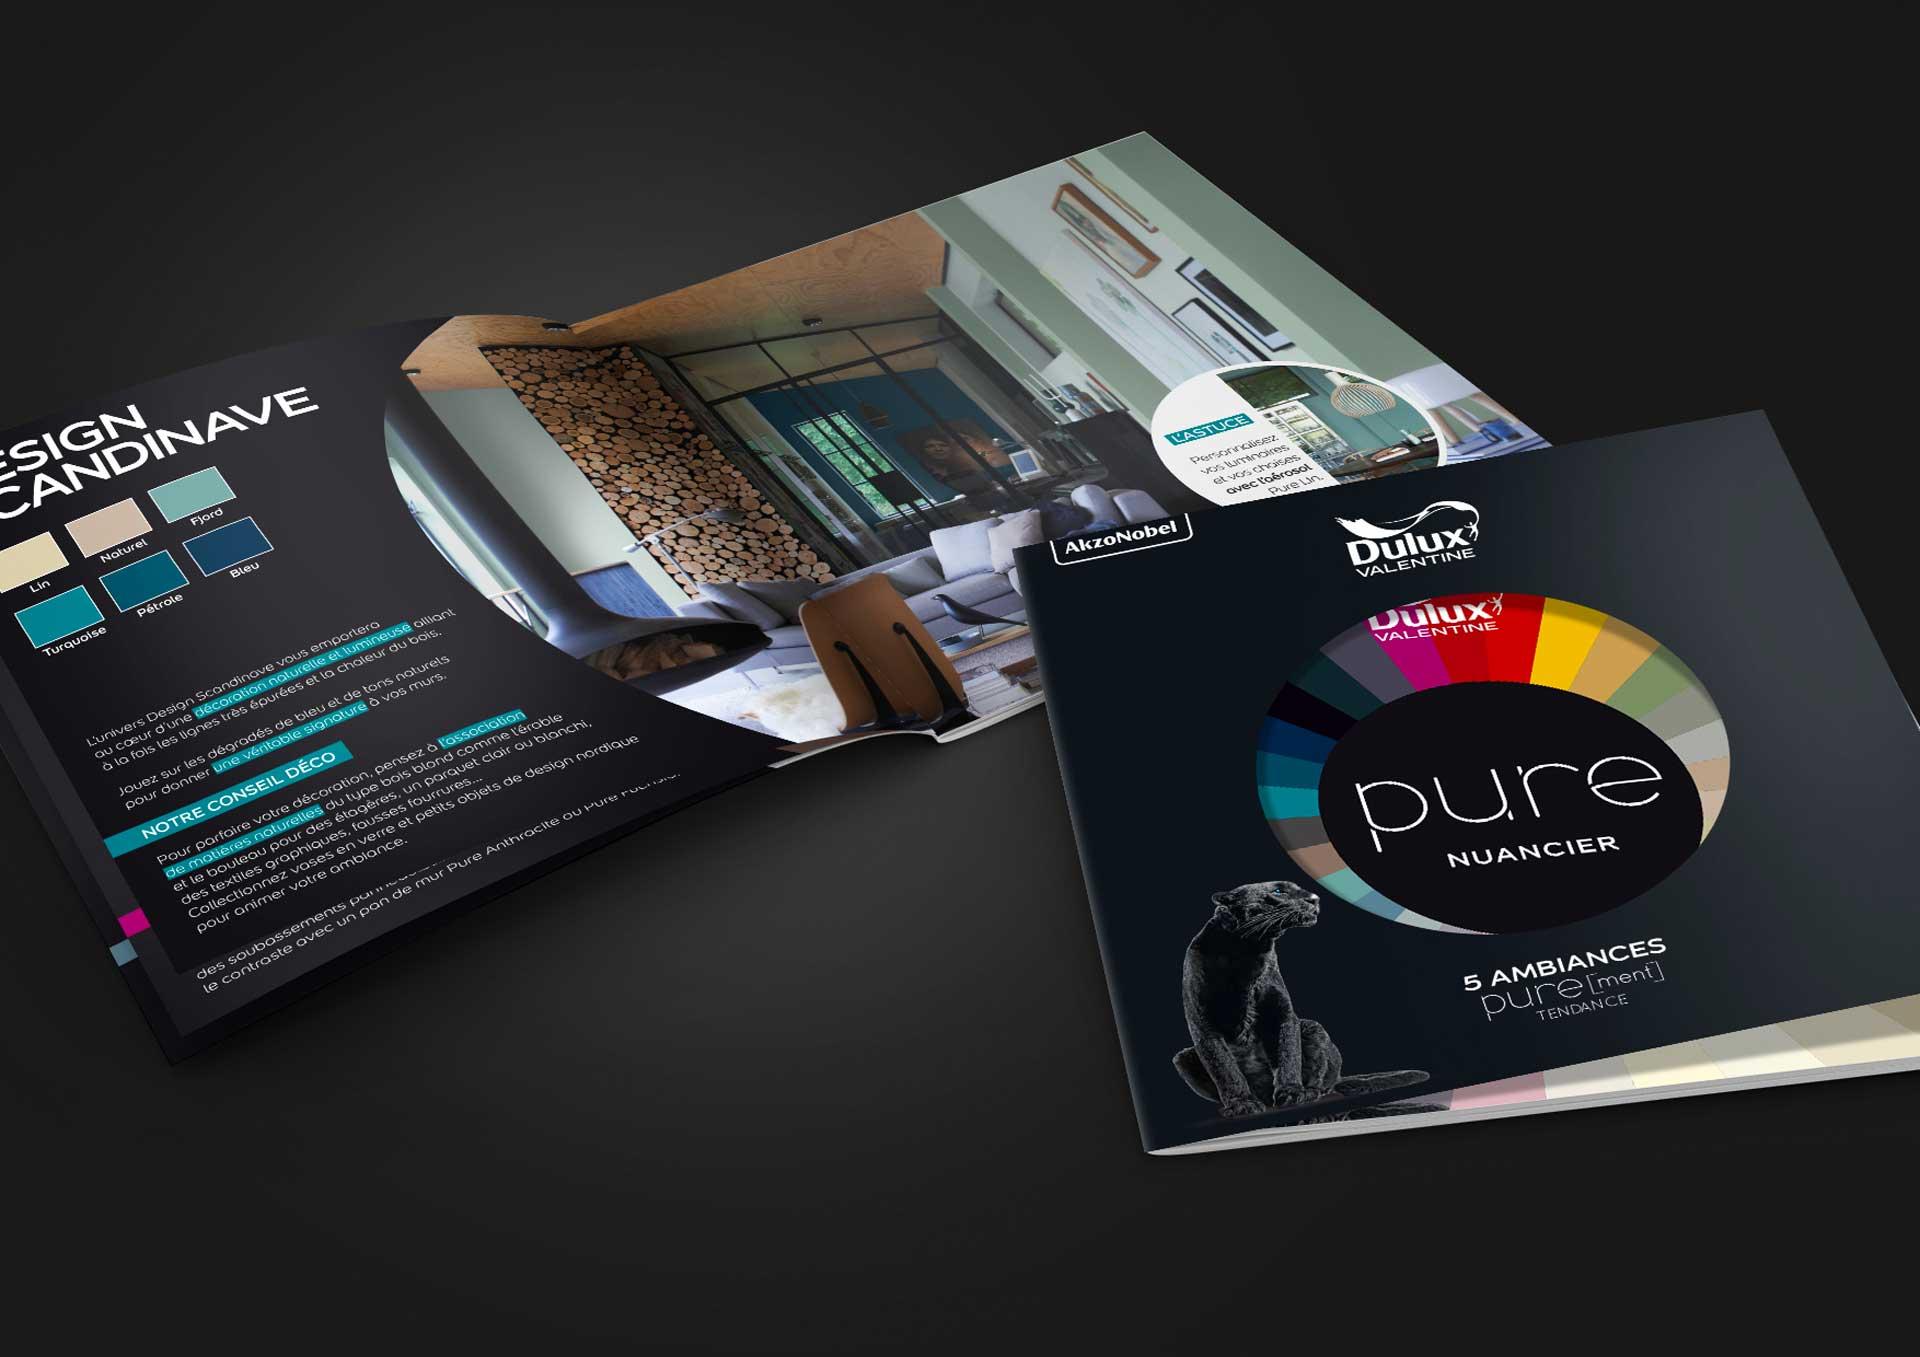 Elixir Design - Dulux 3